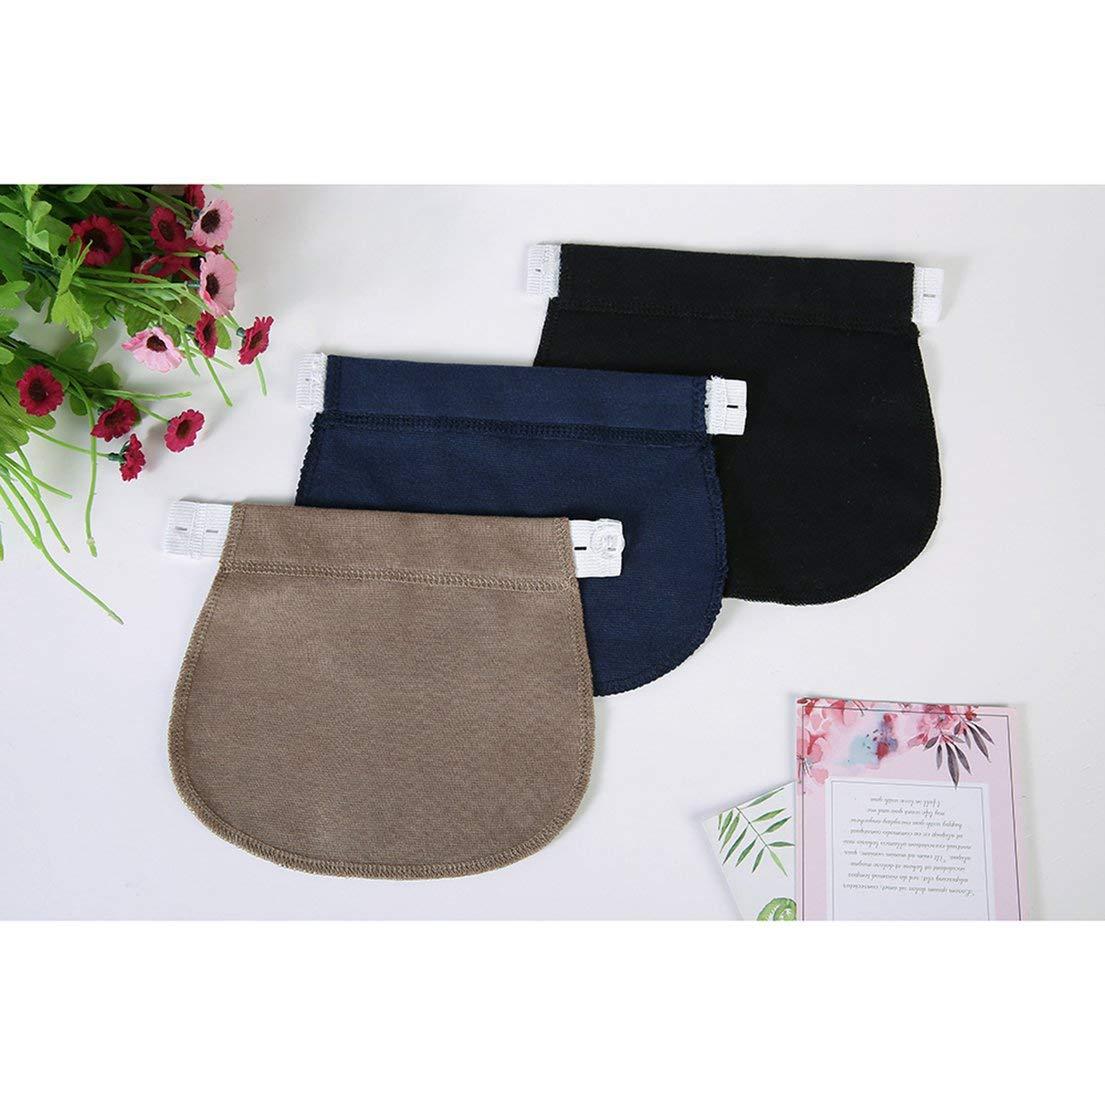 Dfhjsxdfrghxfgh Es Embarazo De Maternidad Cintura Cinturon Ajustable Elastico Cintura Extensor Ropa Pantalones Para Embarazadas Negro Dfhjs Fajas De Embarazo